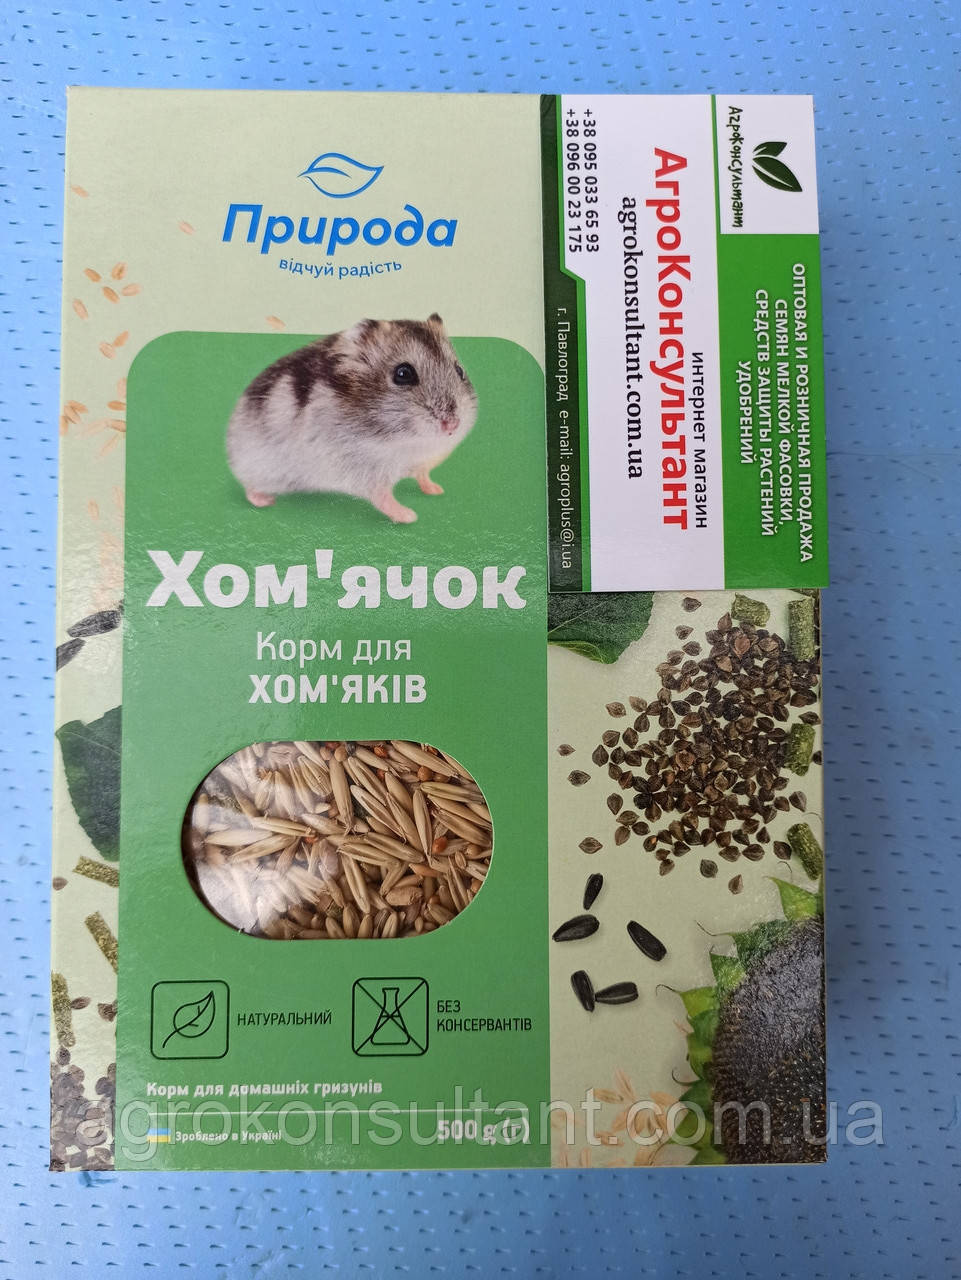 """Корм """"Хомячок"""", 500 гр - витаминизированный корм для хомяков"""